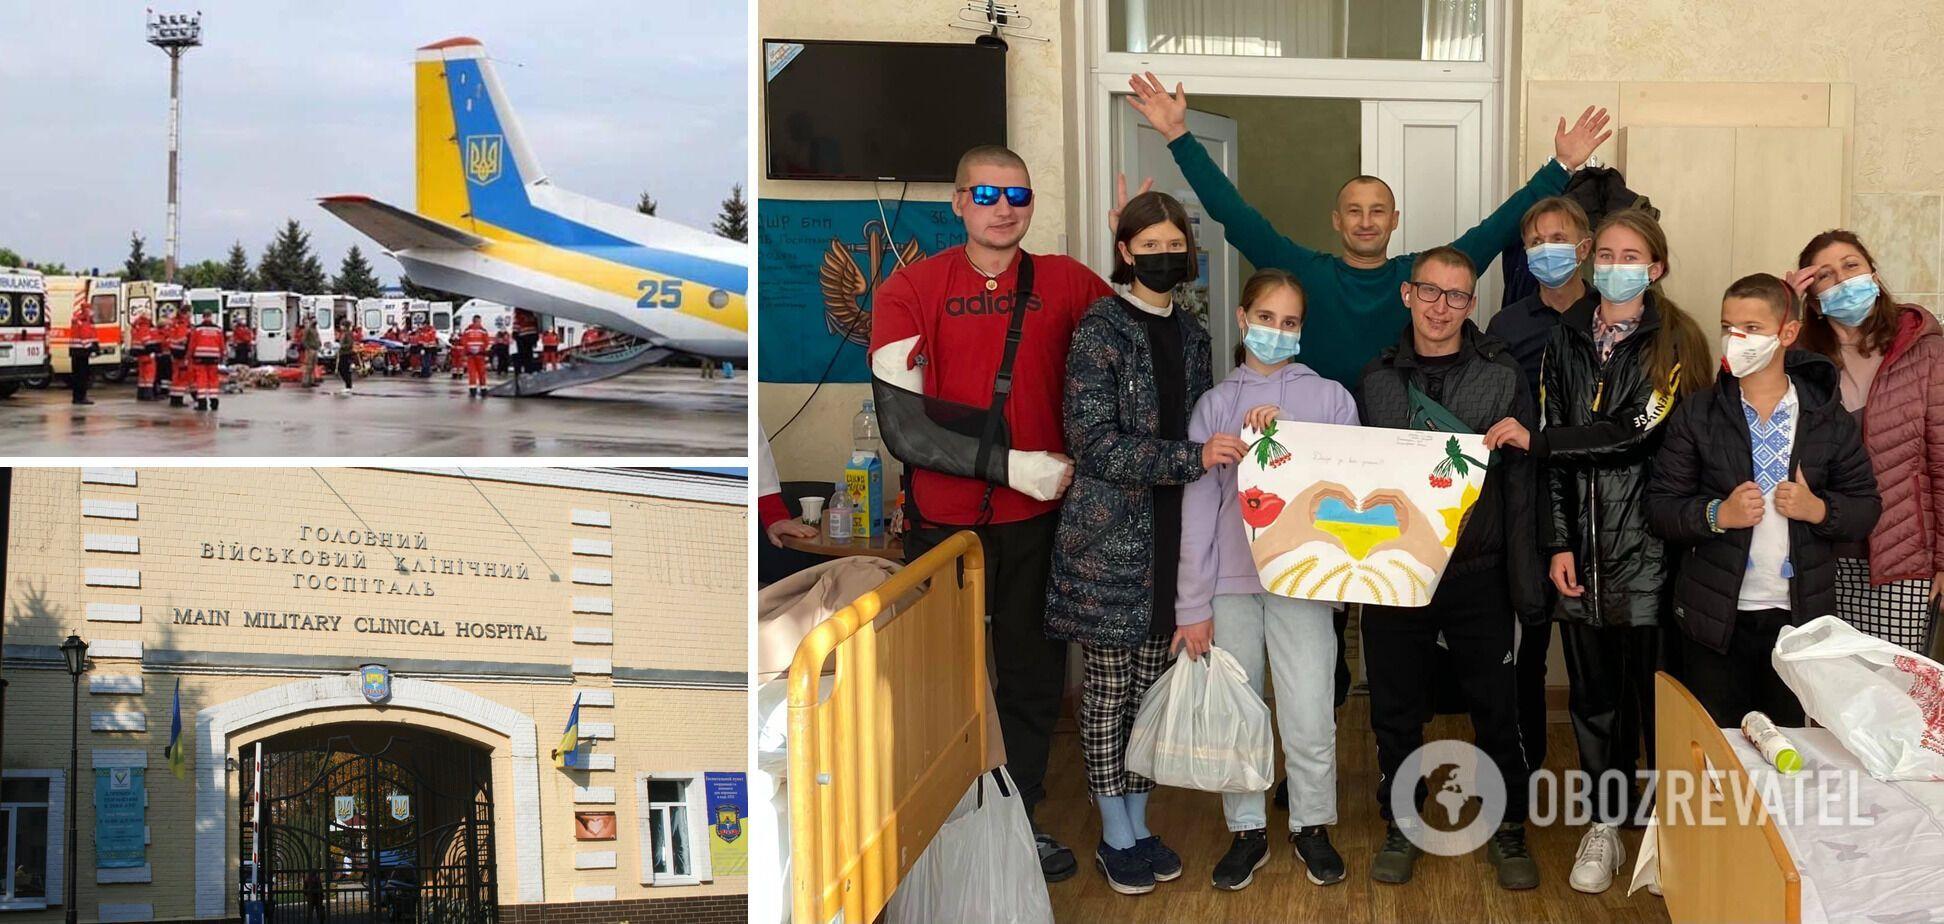 Хотите поздравить защитников Украины? Приходите завтра в госпиталь